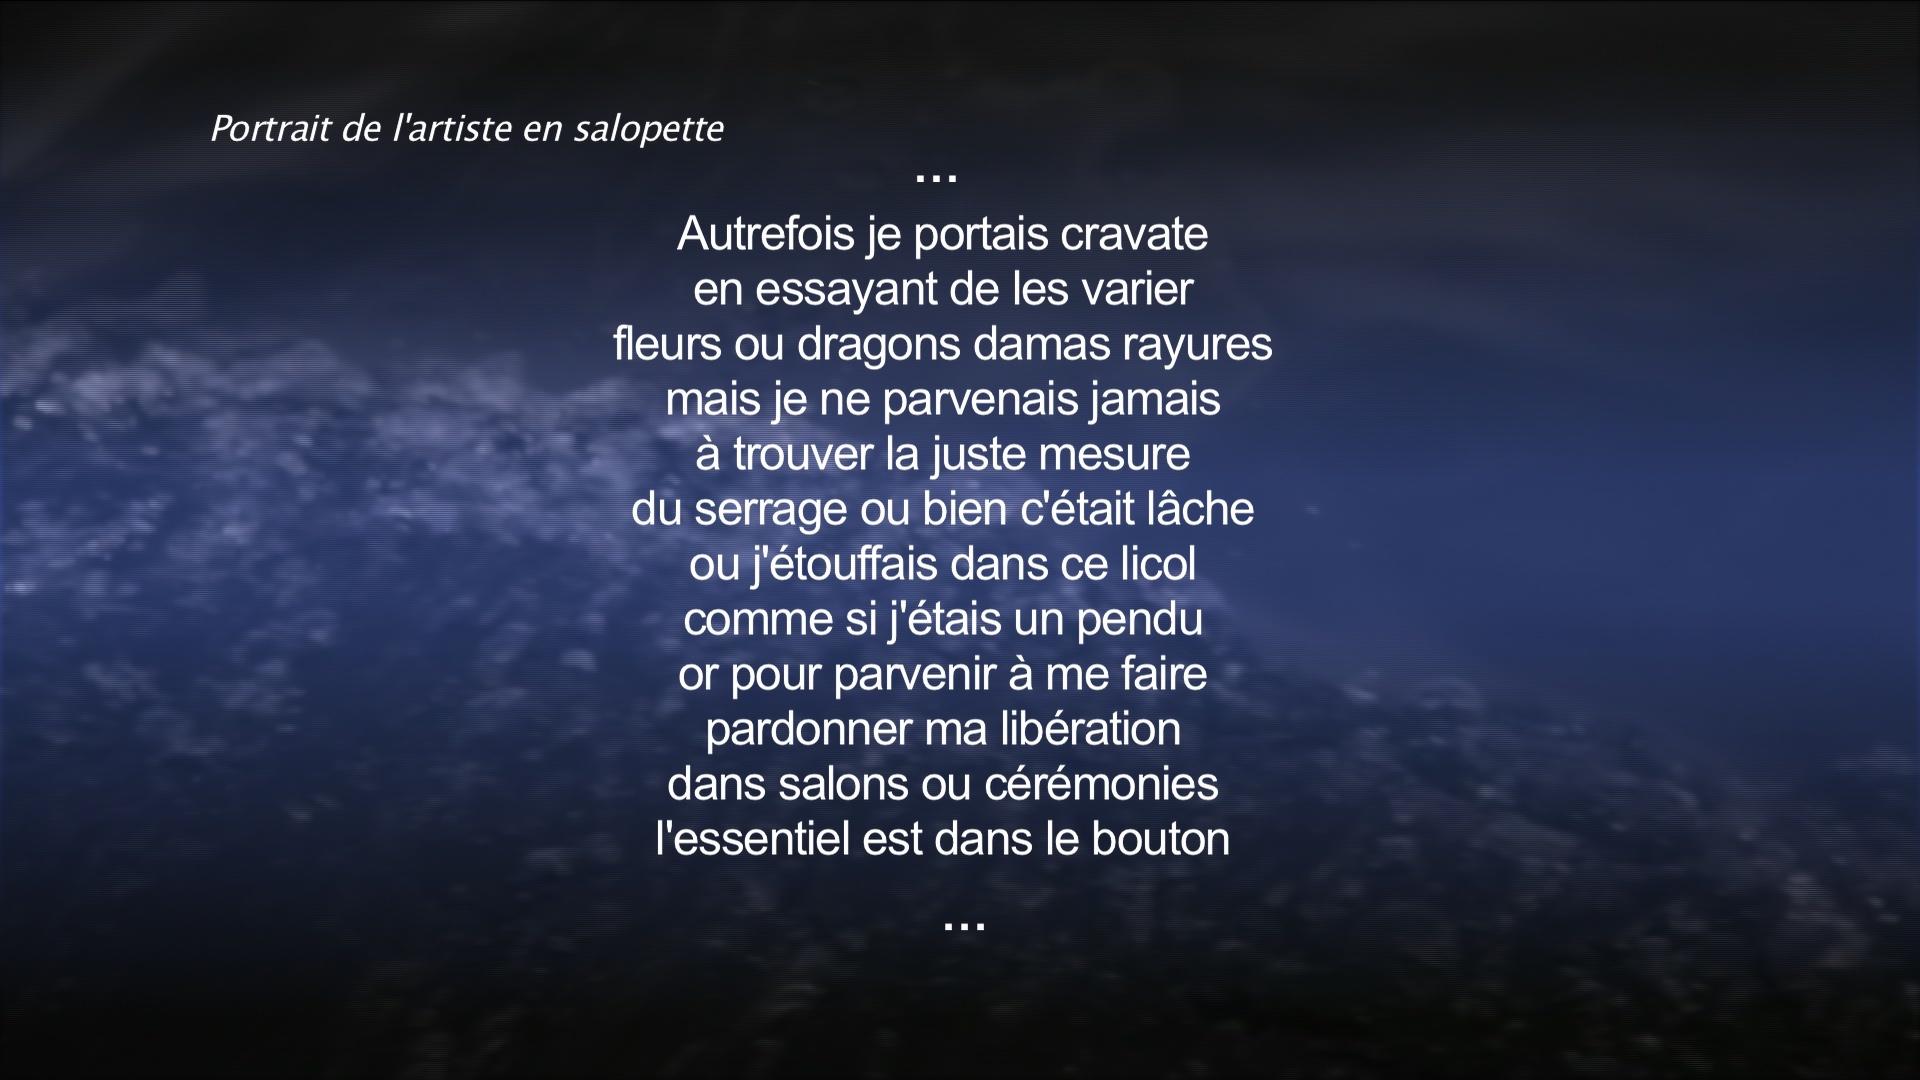 Portrait de l'artiste en salopette - Blandine Armand - Créations vidéos